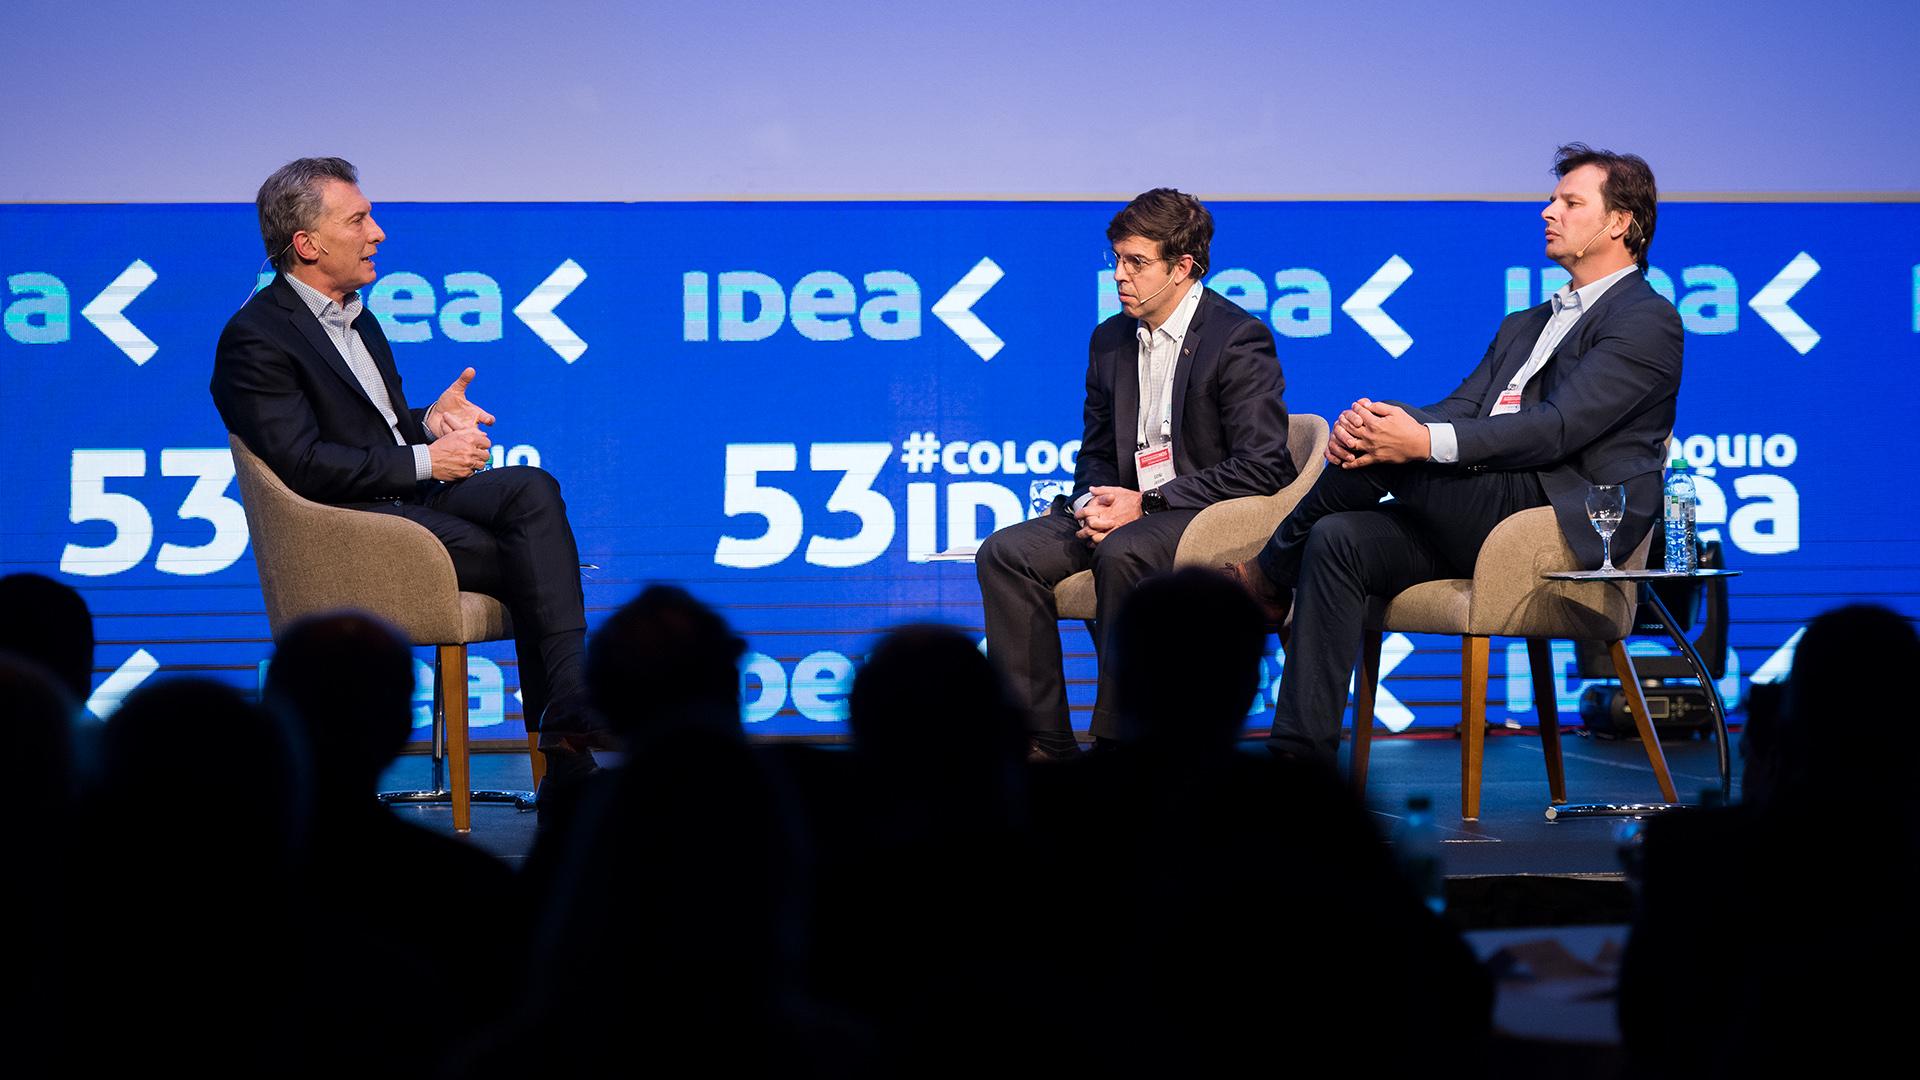 El presidente de la Nación Mauricio Macri entrevistado por el presidente de Idea Javier Goñi y el presidente del 53 Coloquio de Idea Gaston Remy